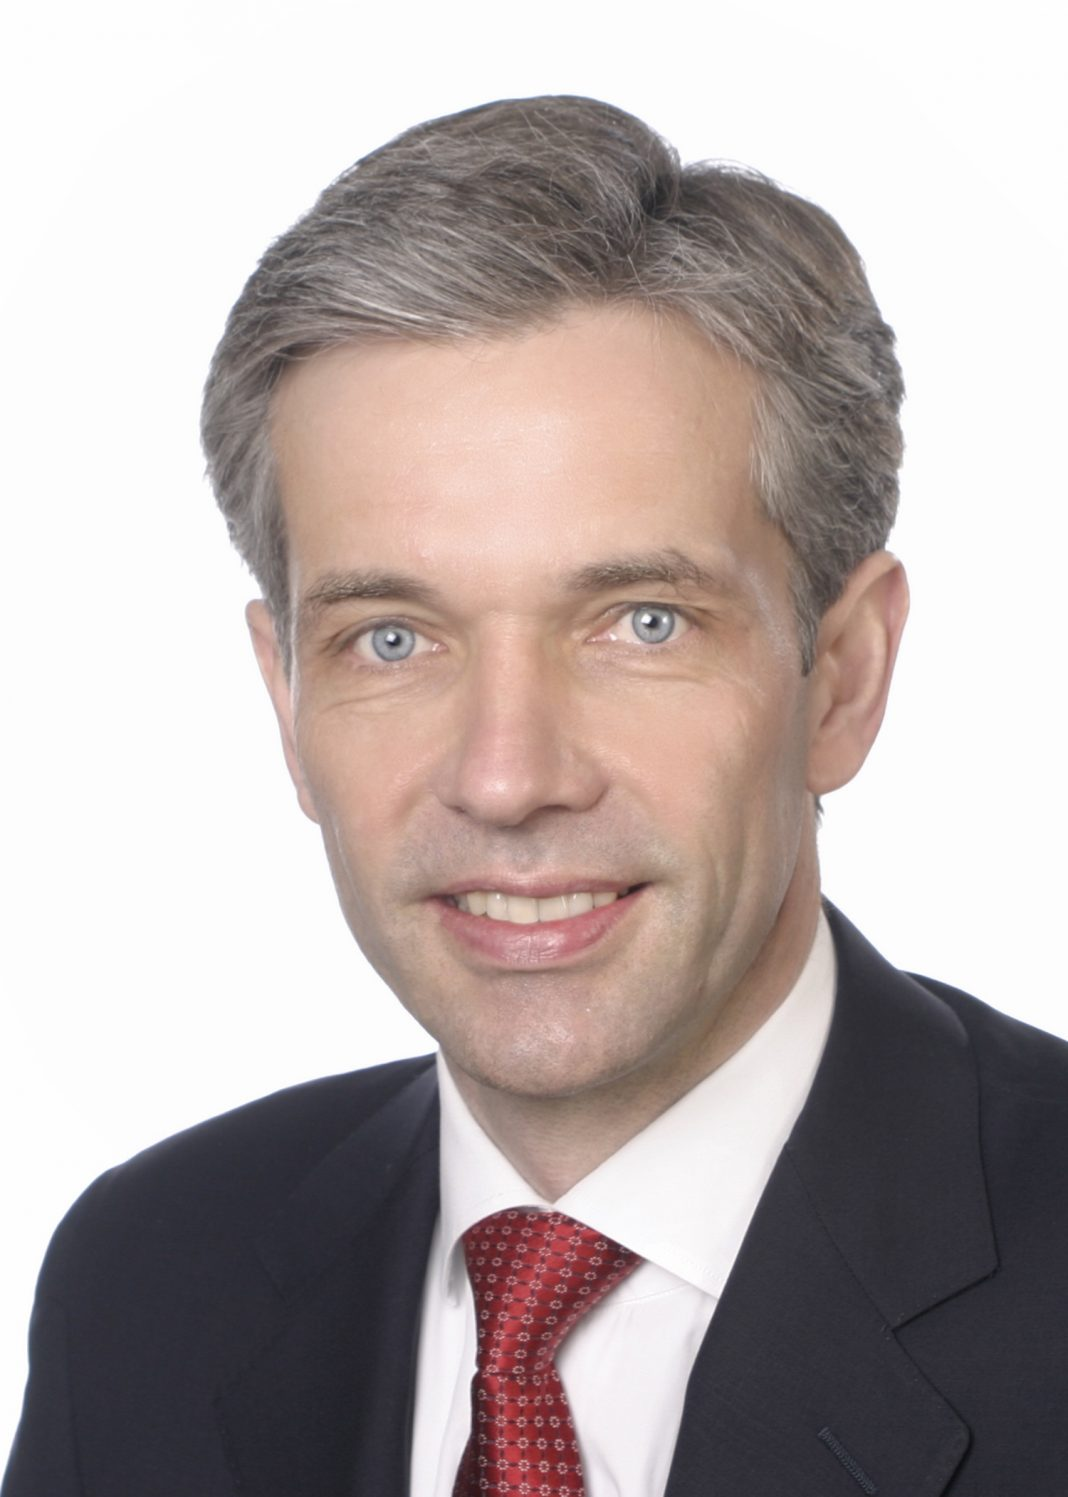 Dr. Edgar C. Lange, Lekkerland AG & Co. KG